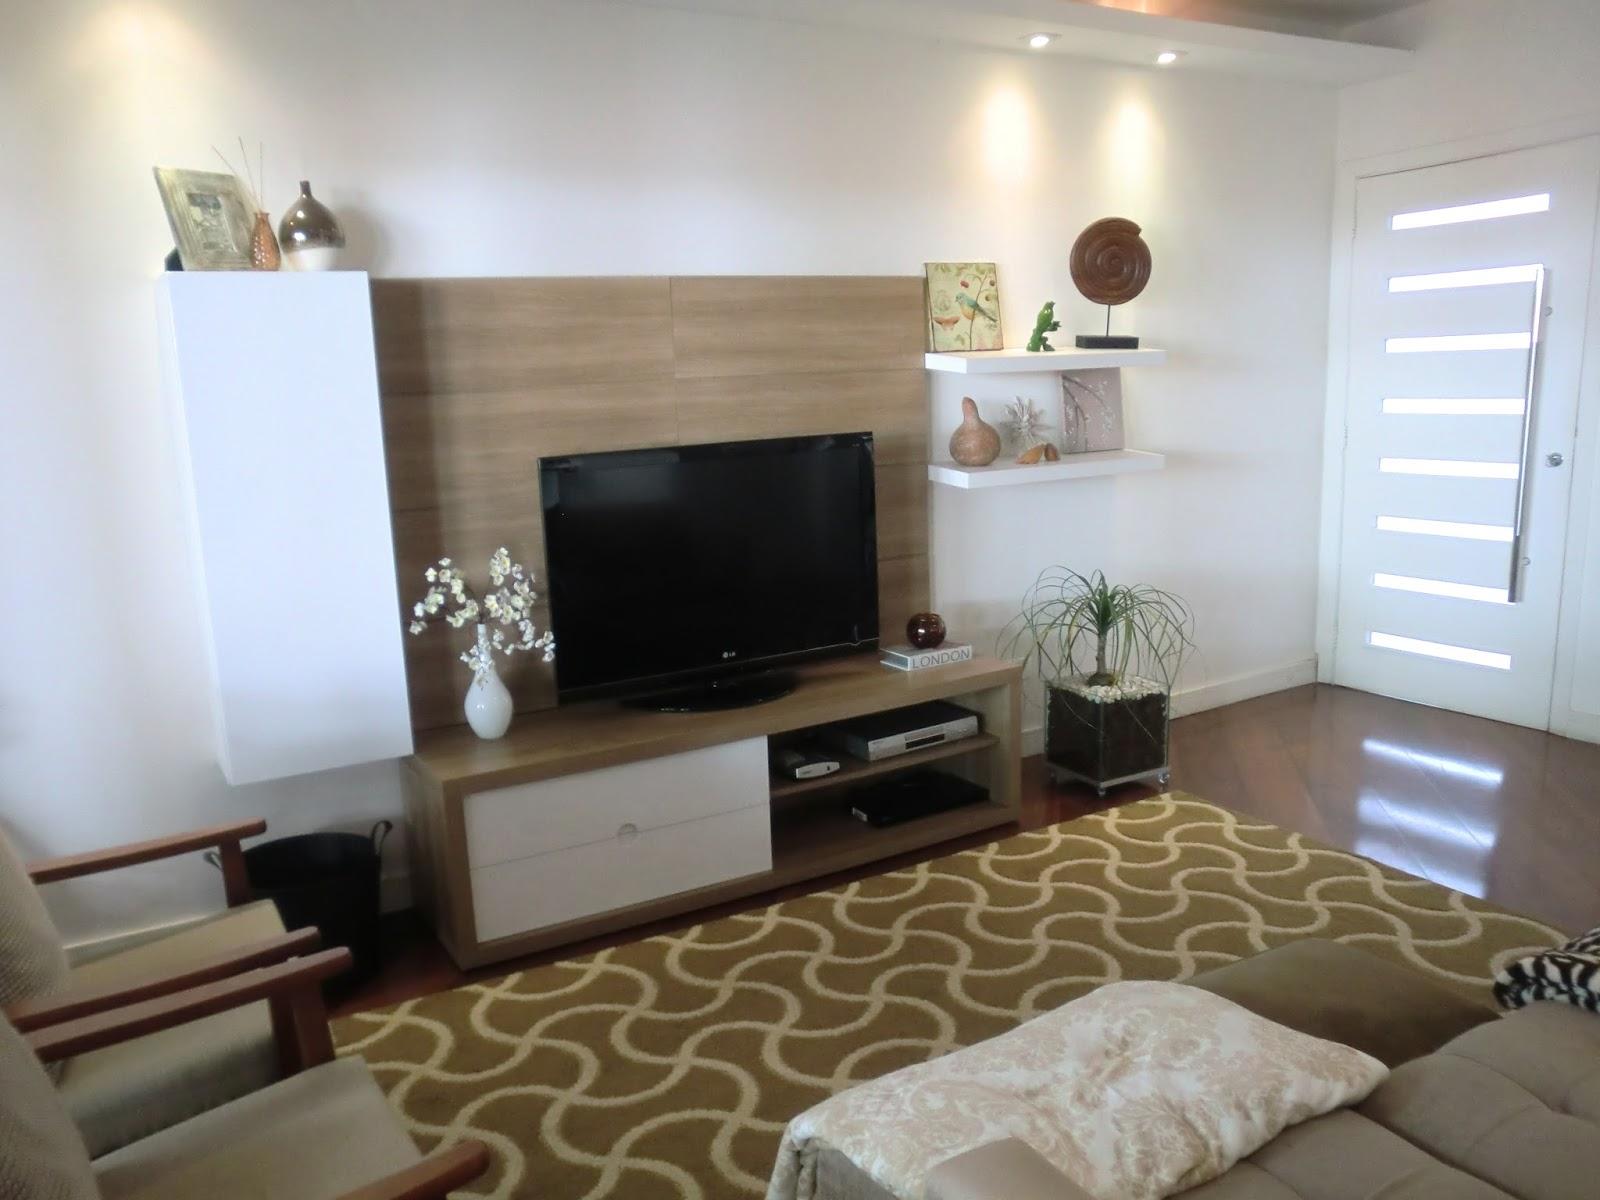 #5C4B31 Mimo para a minha sala uma planta nova!! Pata de Elefante Casa e  1600x1200 píxeis em Como Posso Decorar Minha Sala De Tv